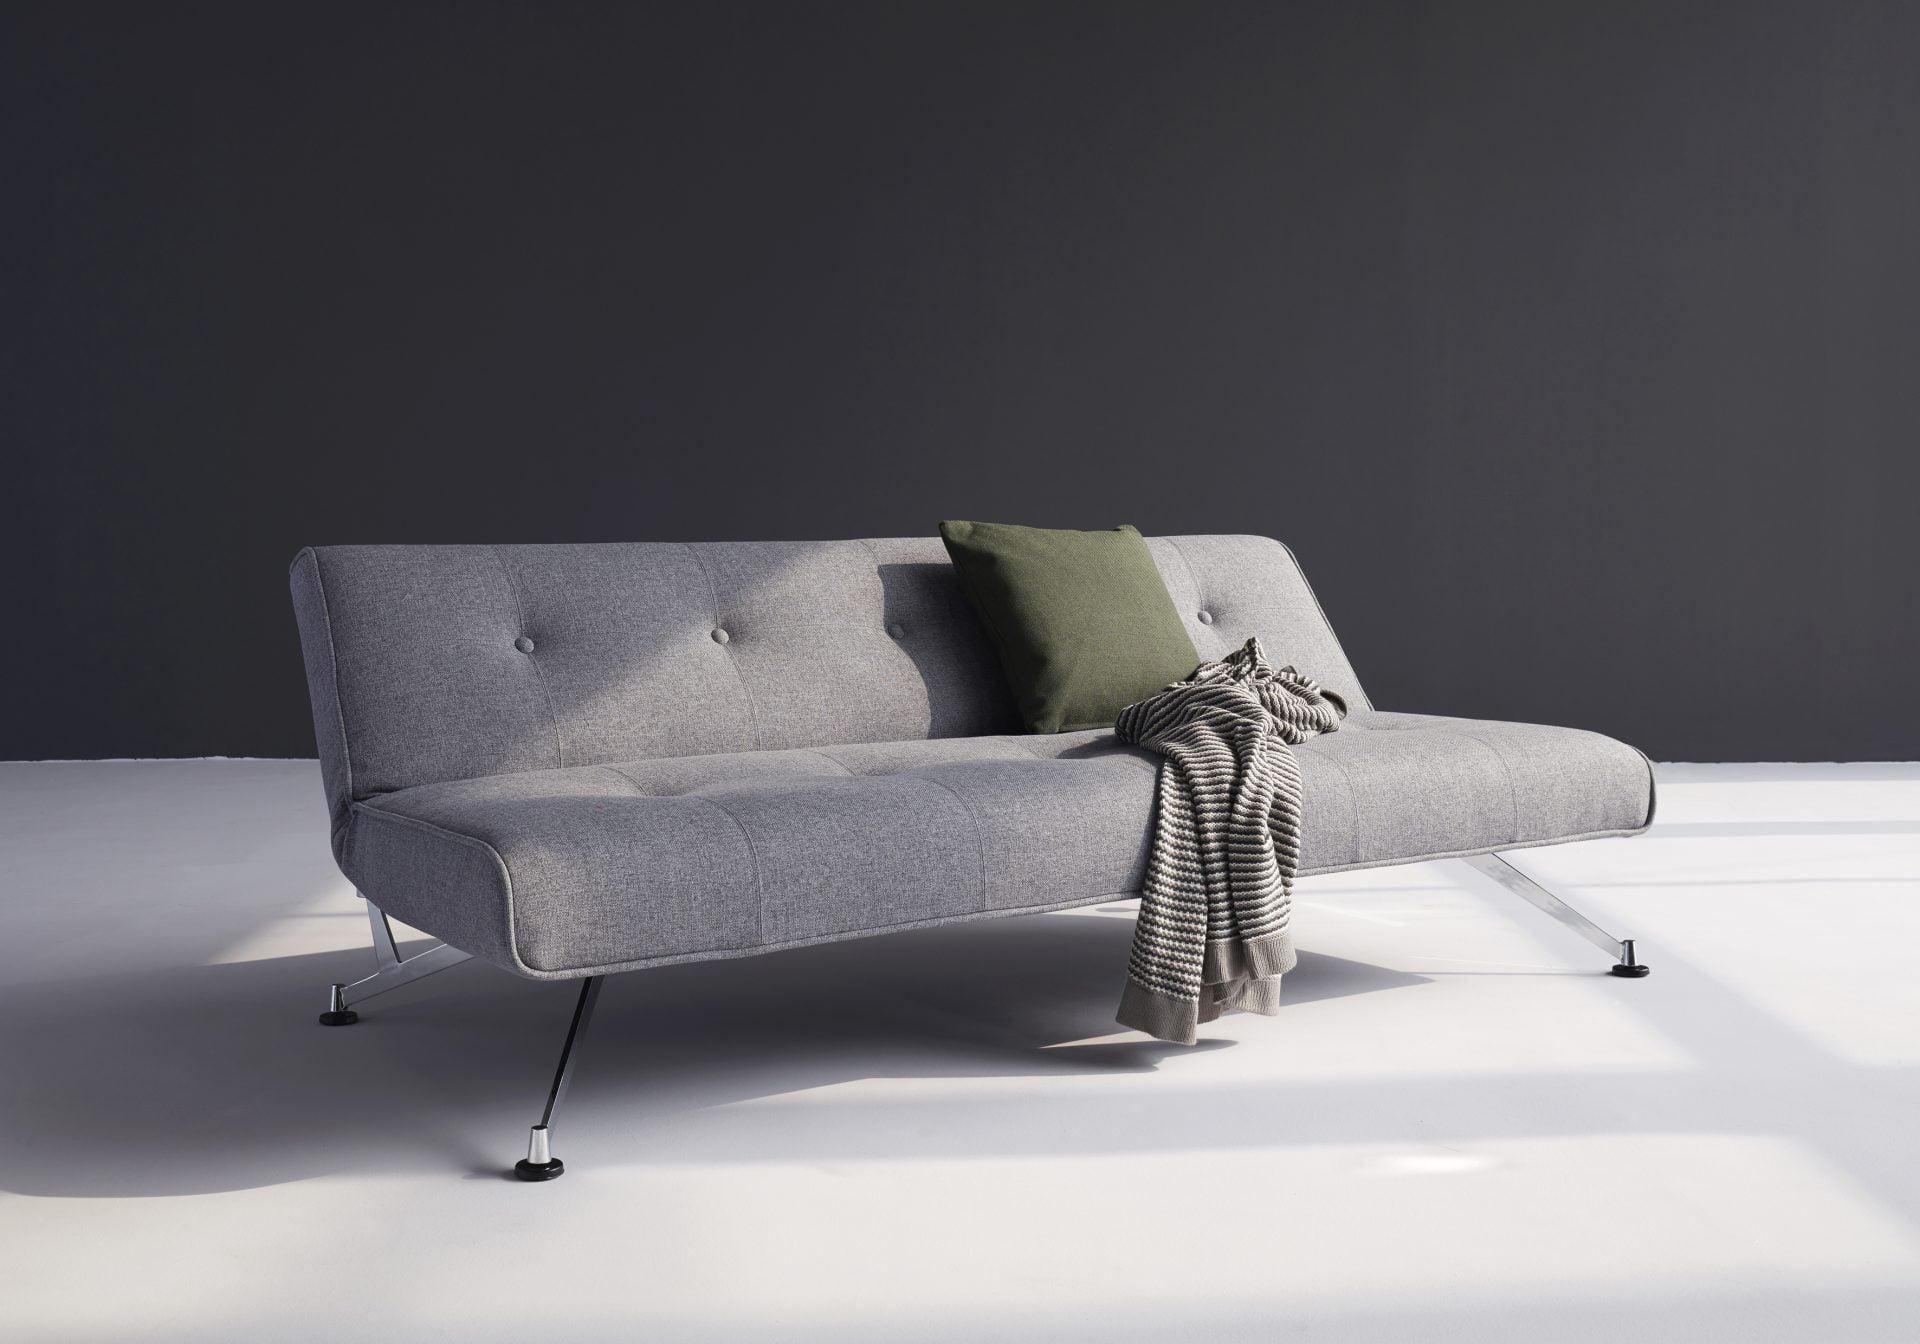 innovation clubber sovesofa sovesofaspesialisten as. Black Bedroom Furniture Sets. Home Design Ideas